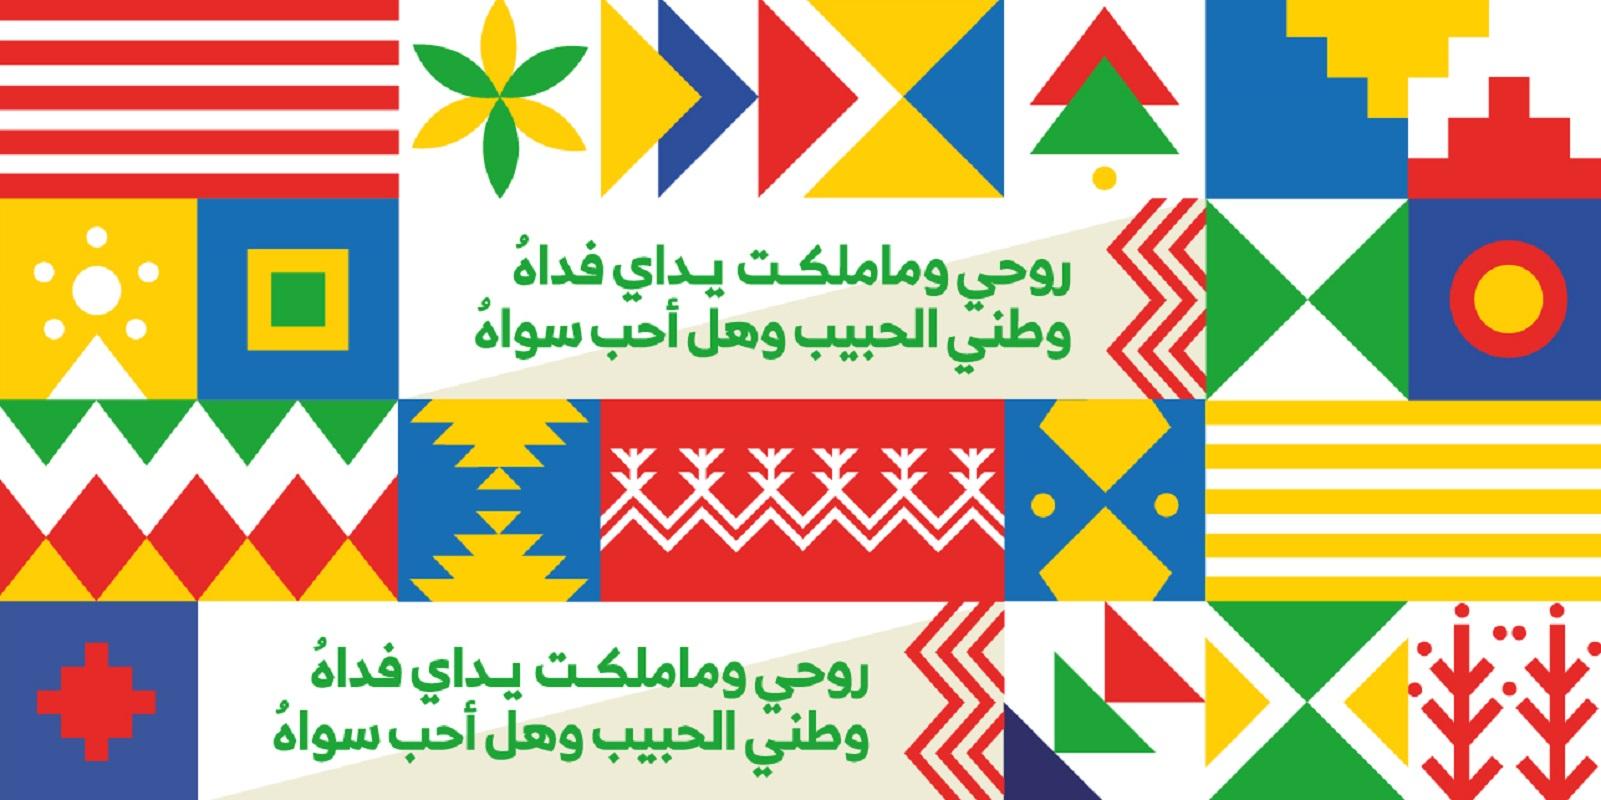 رمزيات اليوم الوطني السعودي